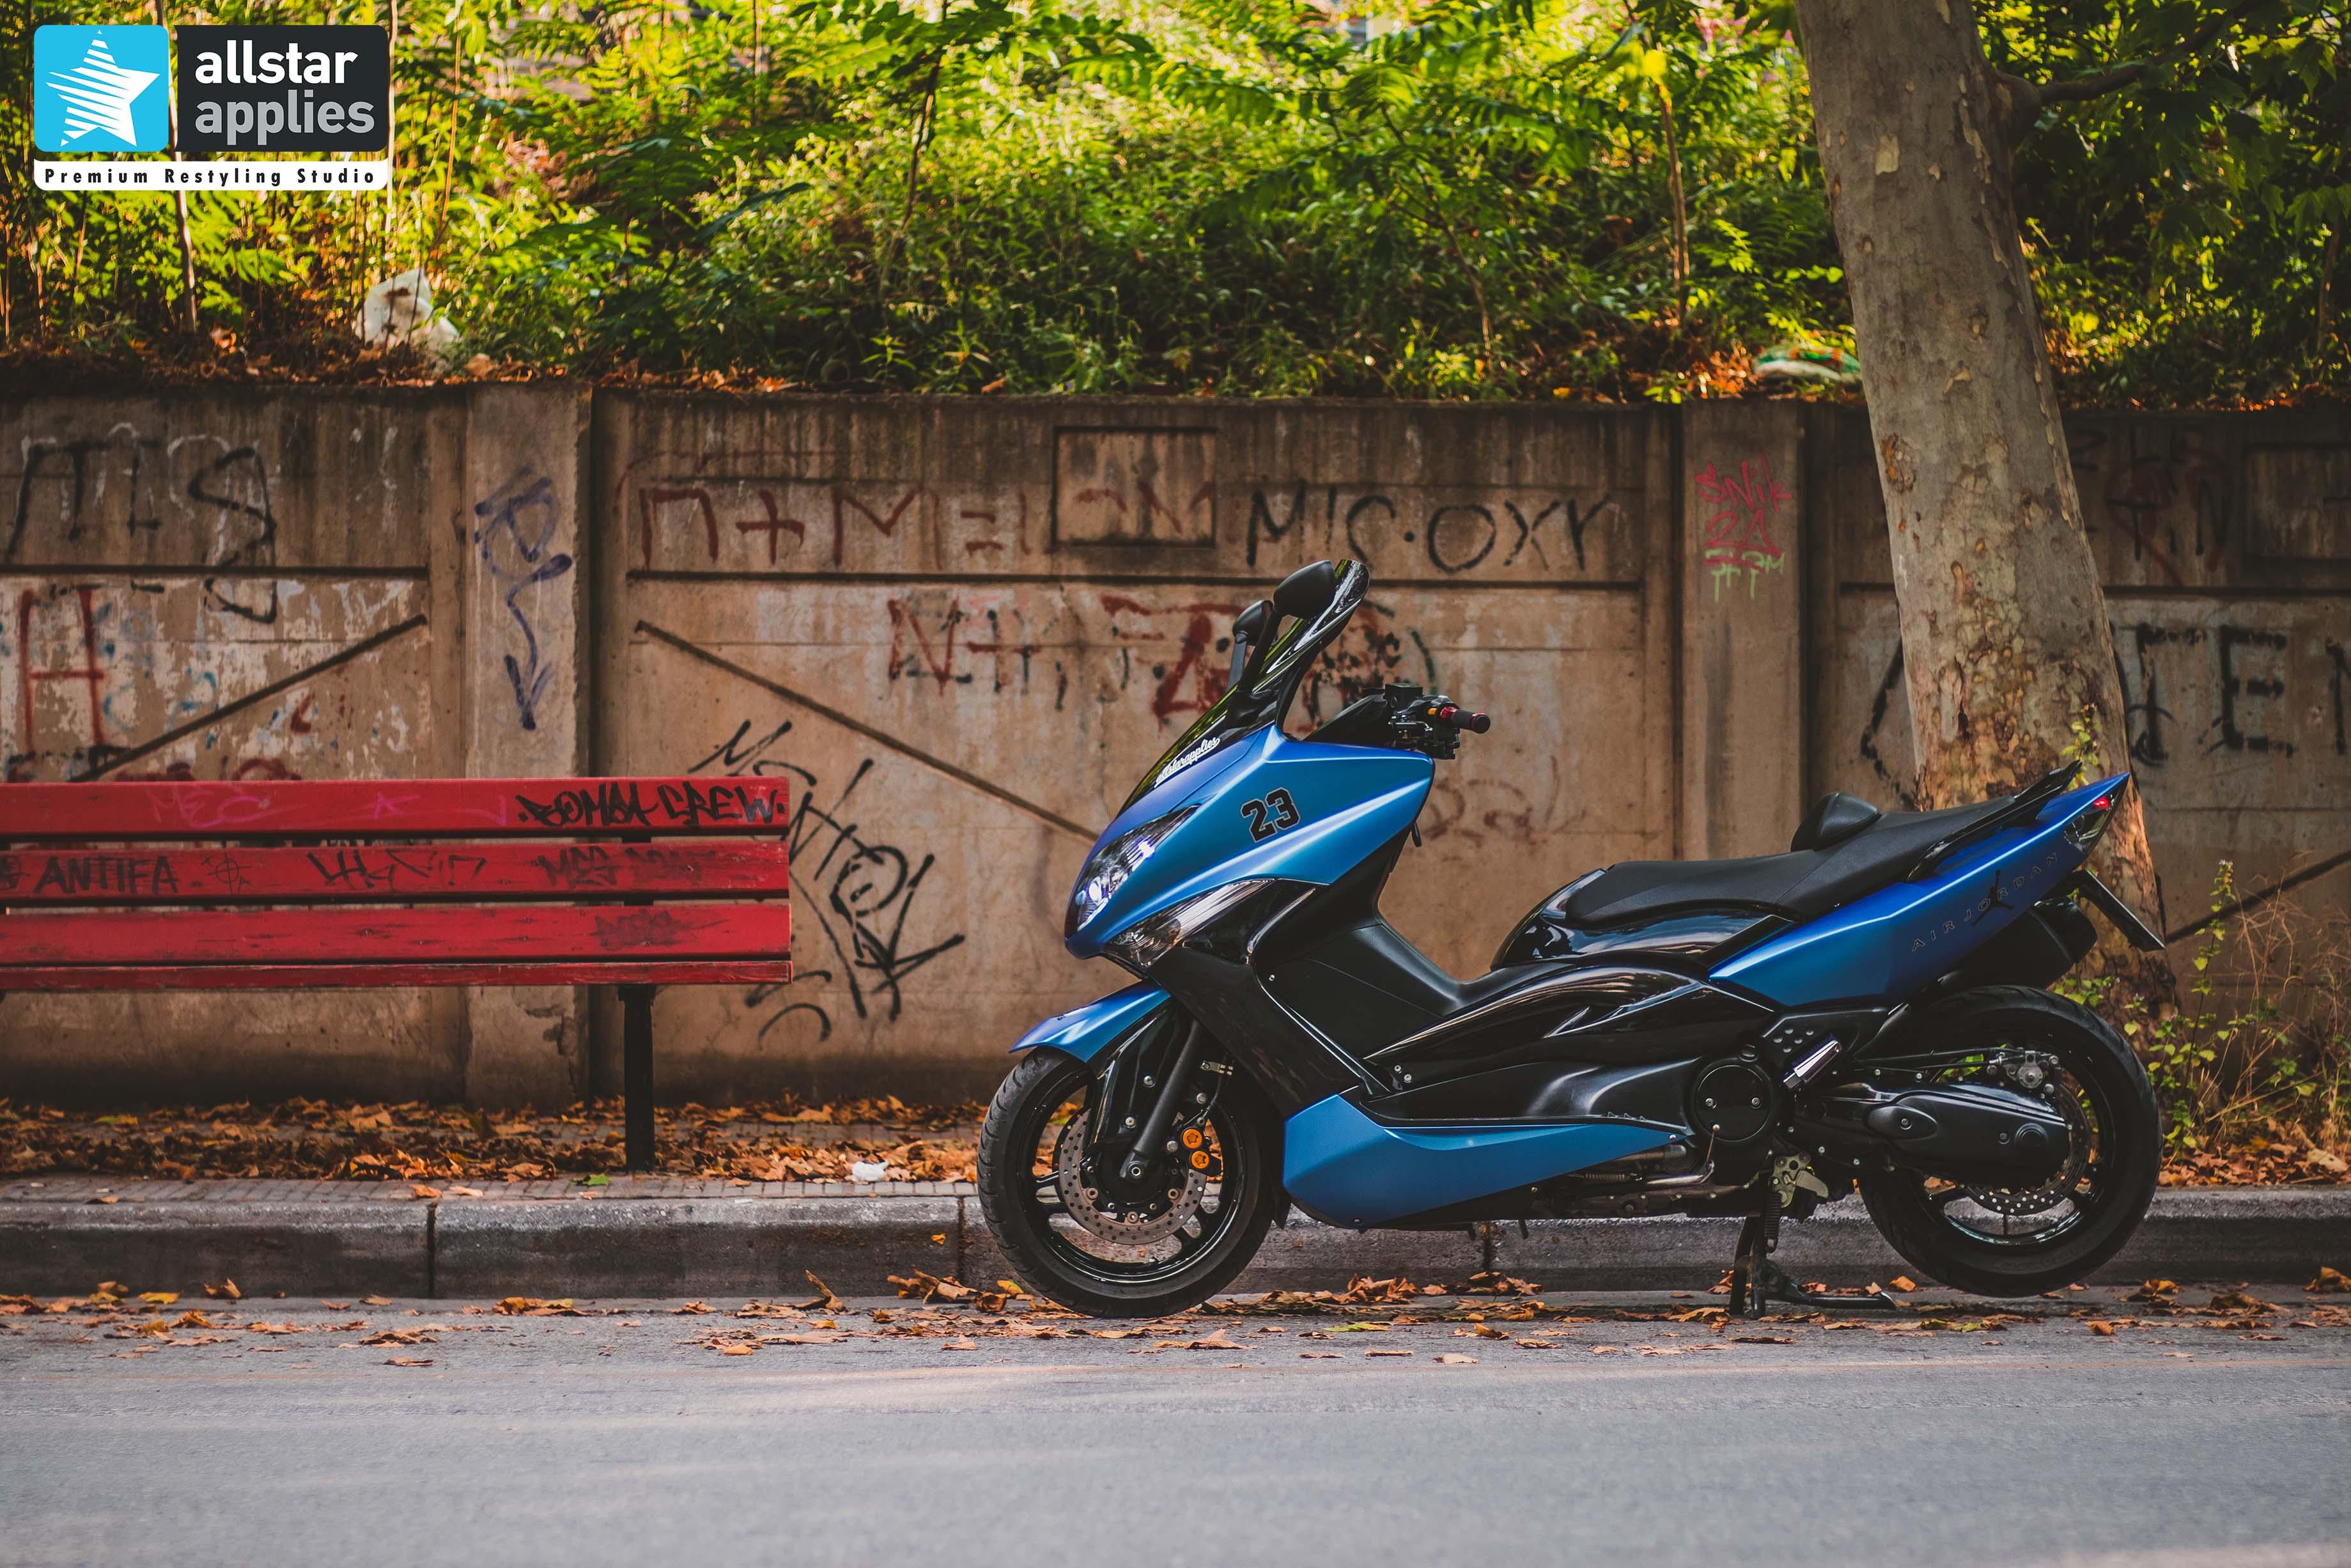 αλλαγή χρώματος με αυτοκόλλητα σε Tmax 500 allstar applies Θεσσαλονίκη